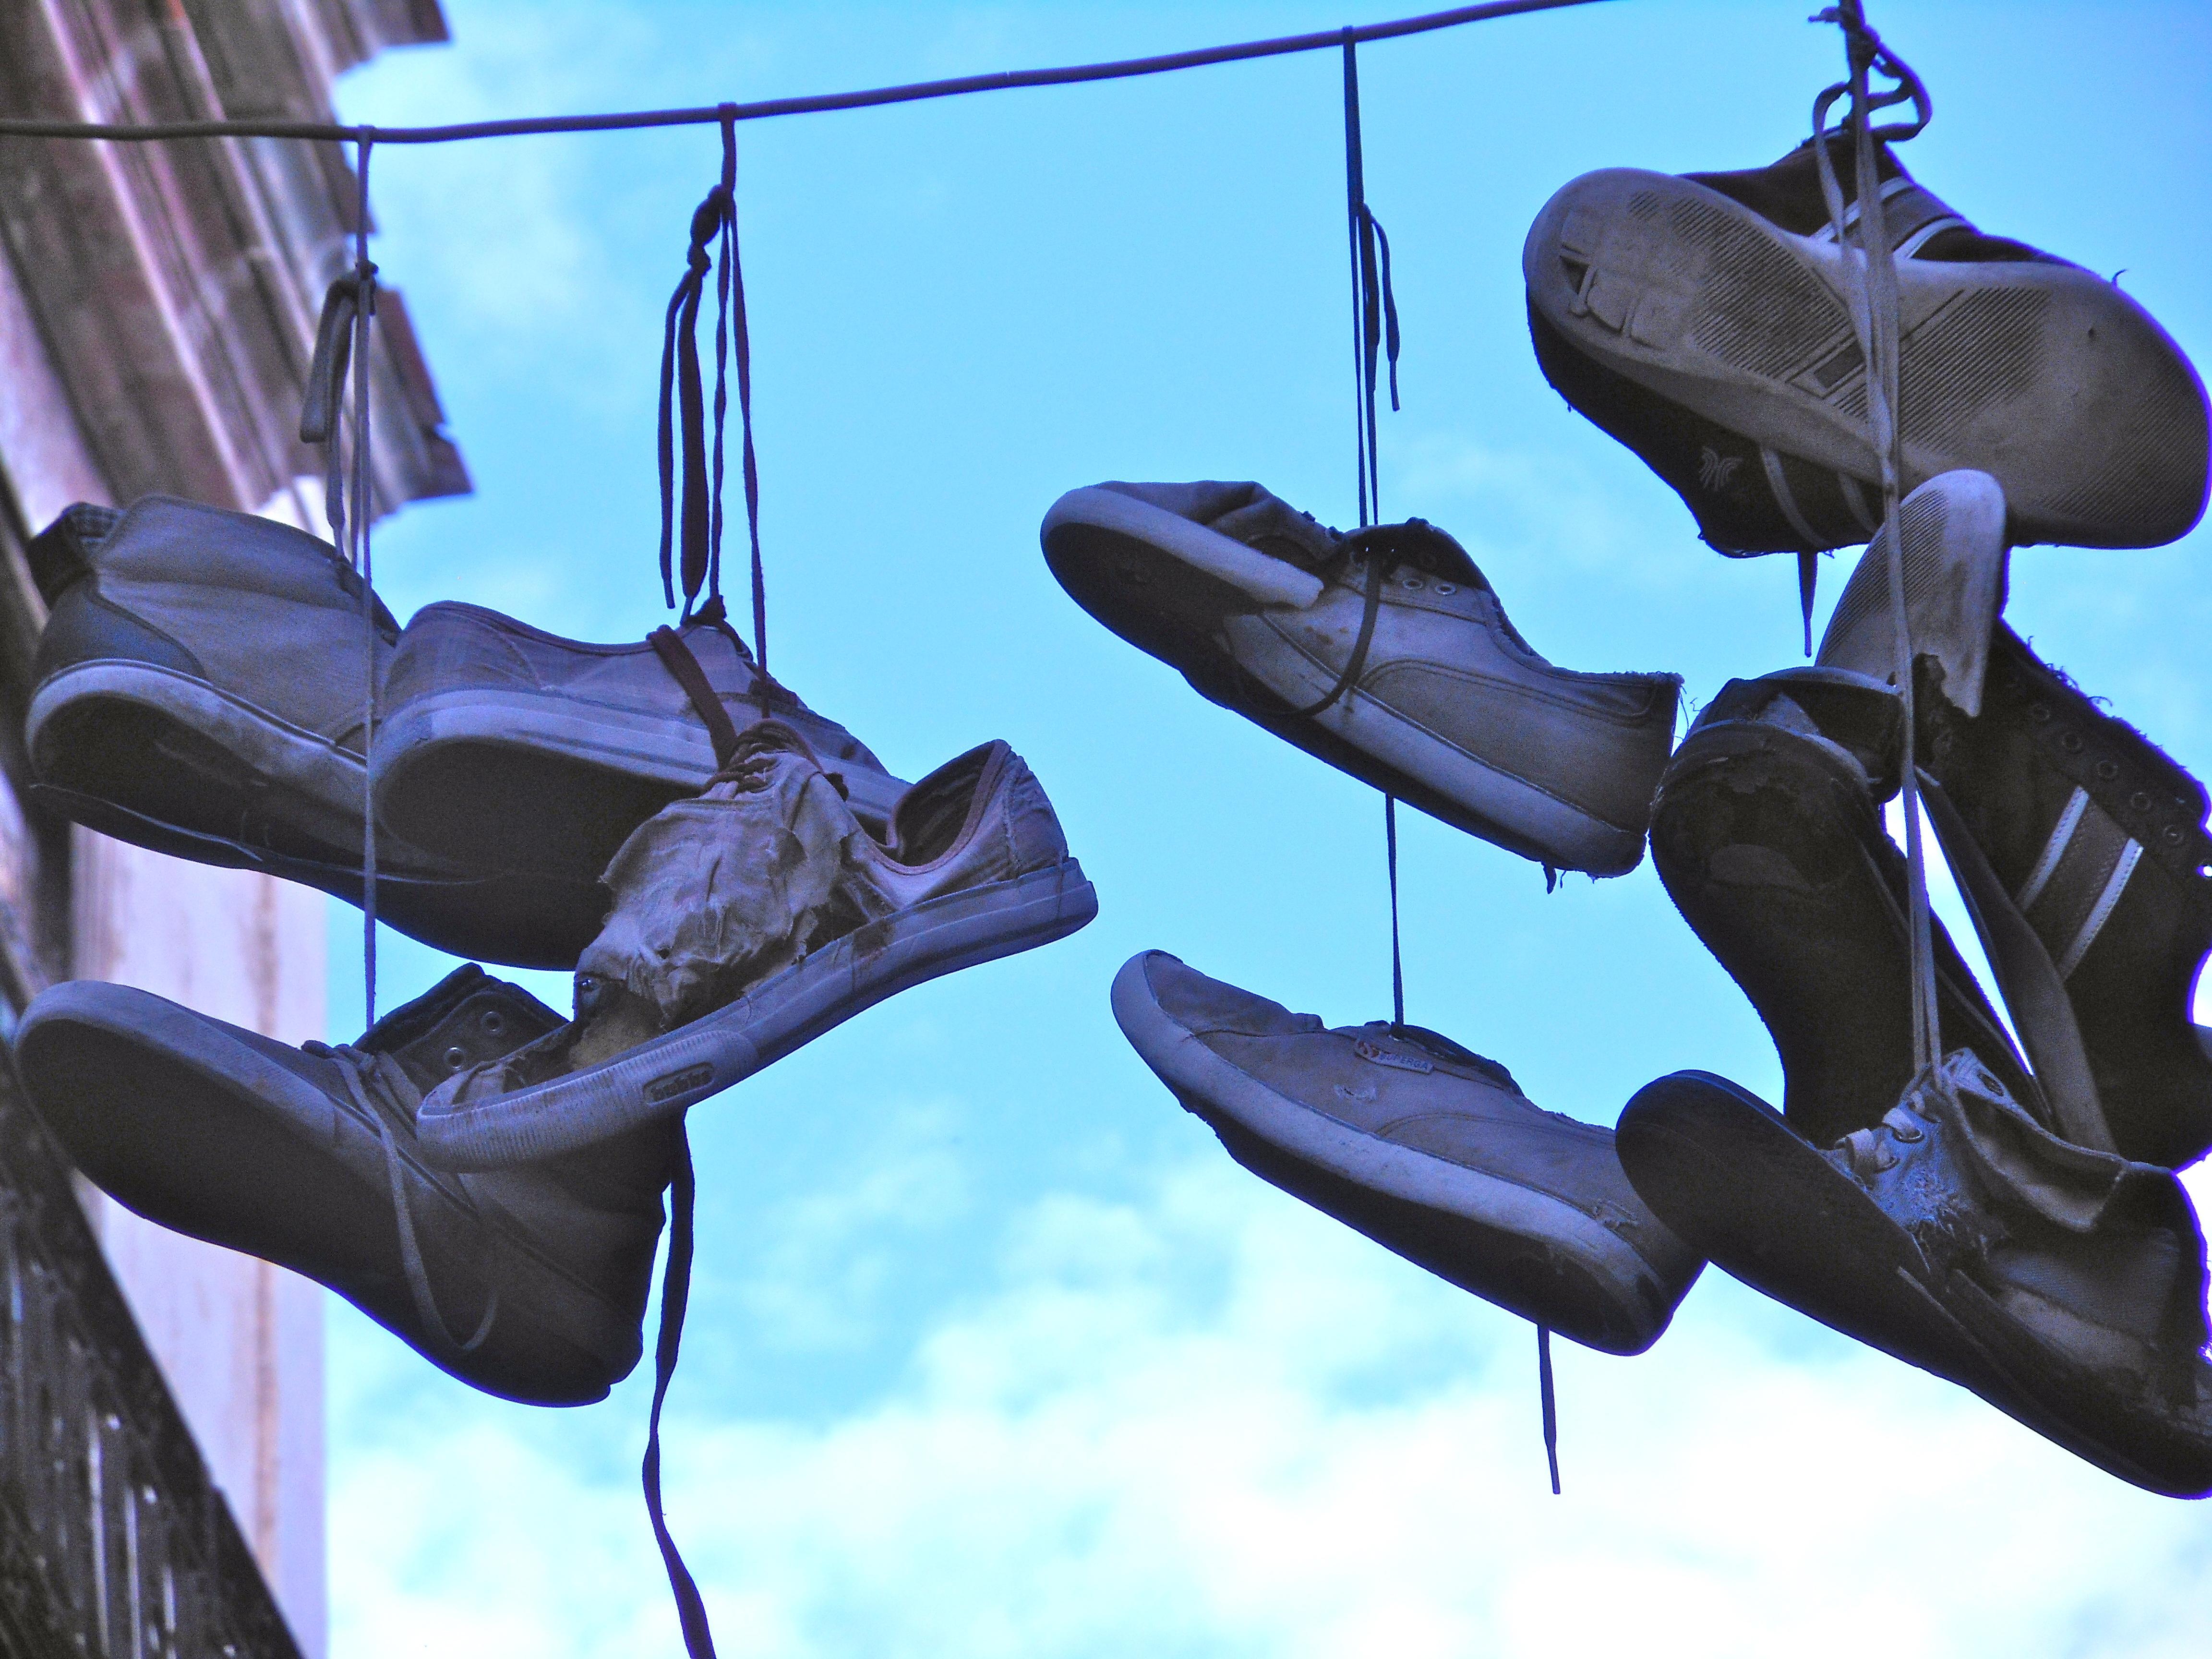 Shoe tossing in Cuba | Cuba Bus Diaries